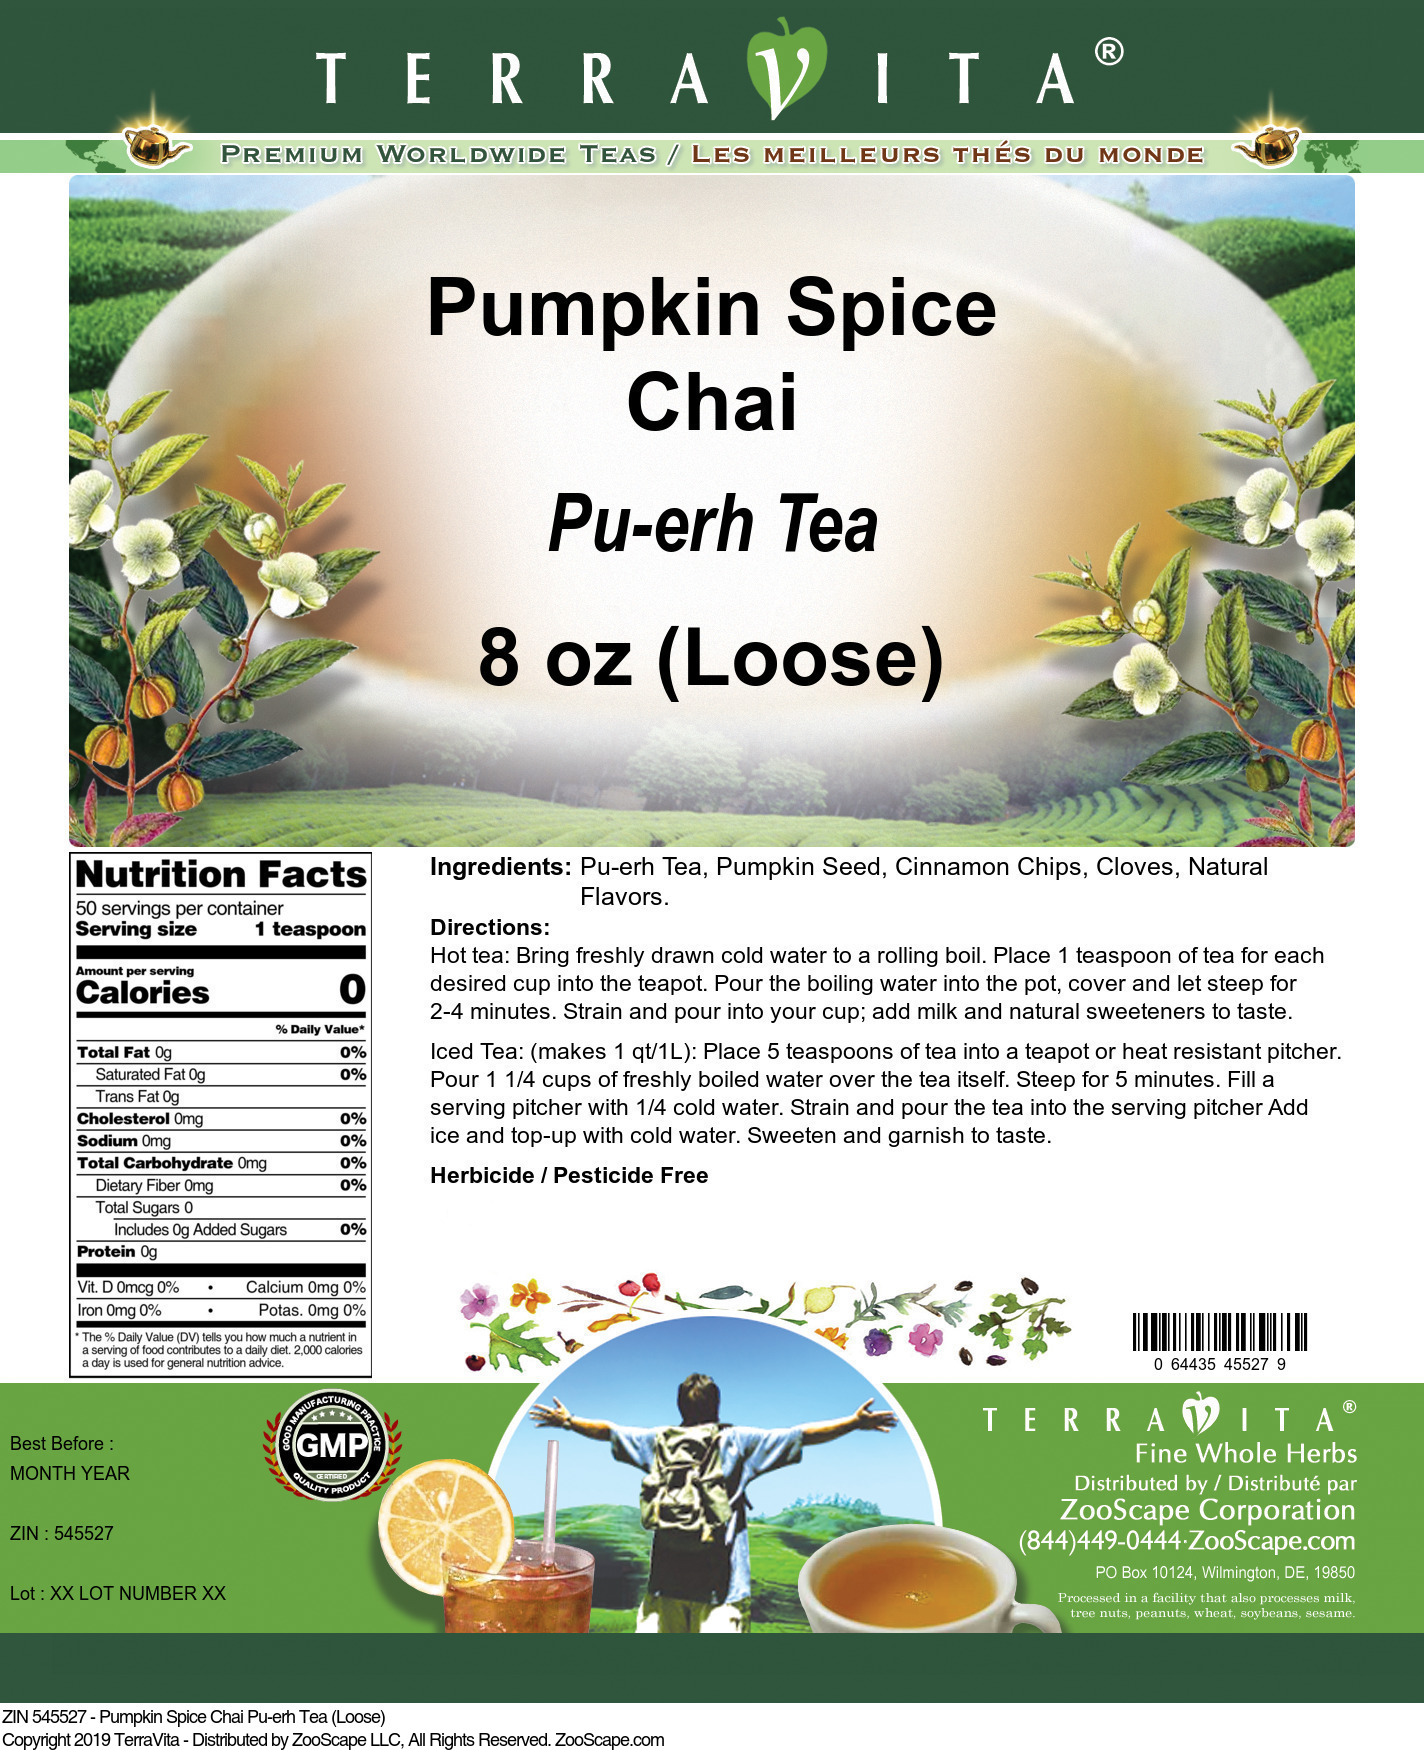 Pumpkin Spice Chai Pu-erh Tea